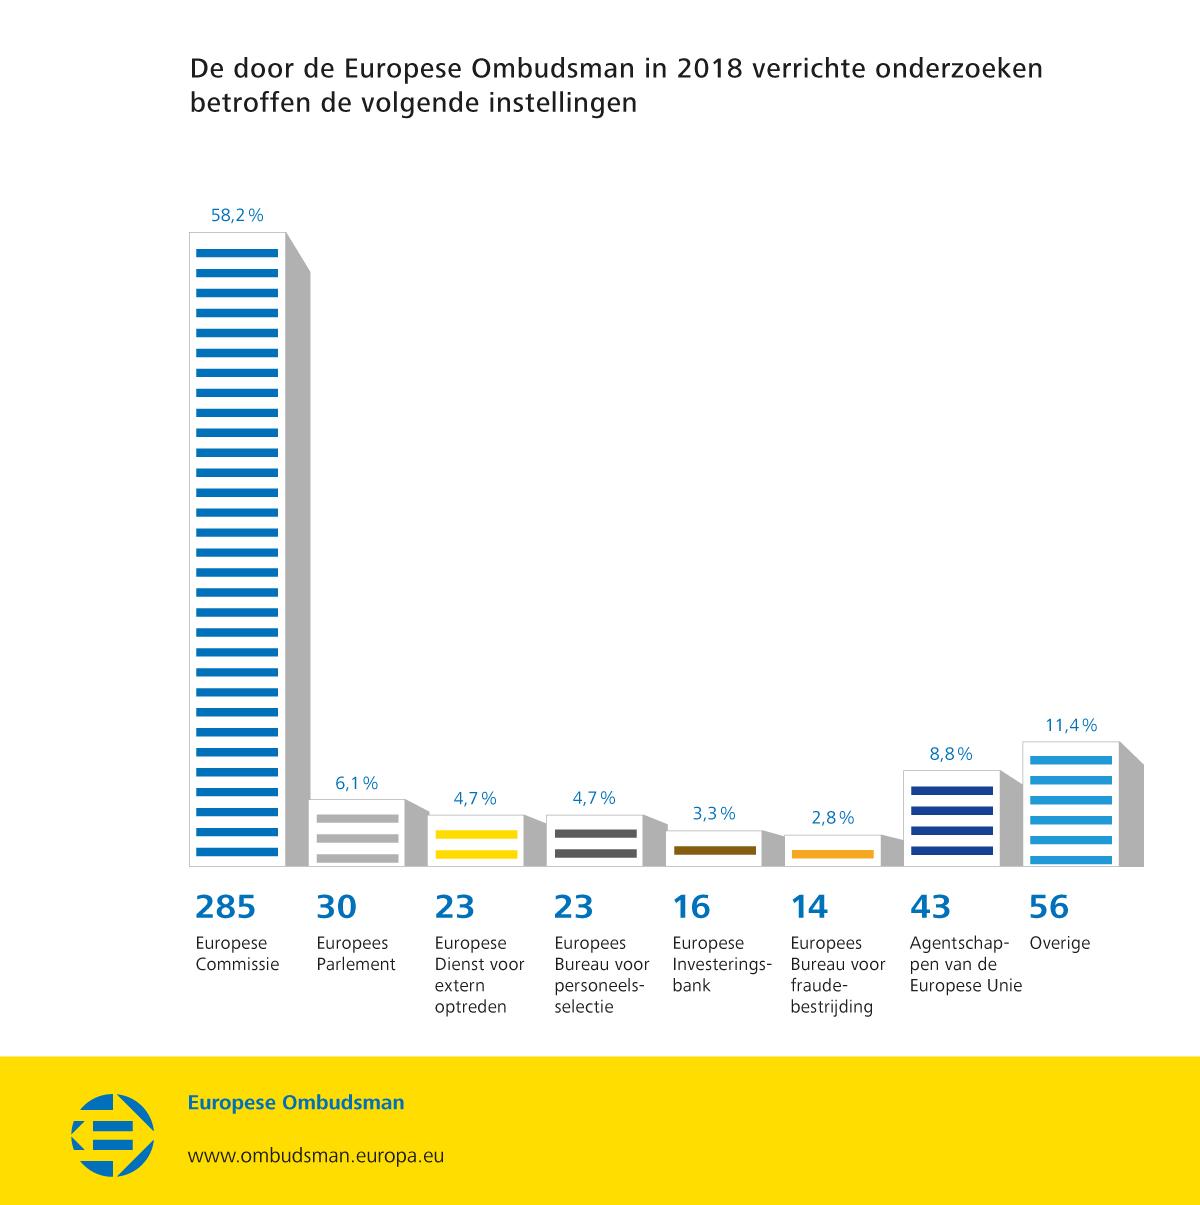 De door de Europese Ombudsman in 2018 verrichte onderzoeken betroffen de volgende instellingen